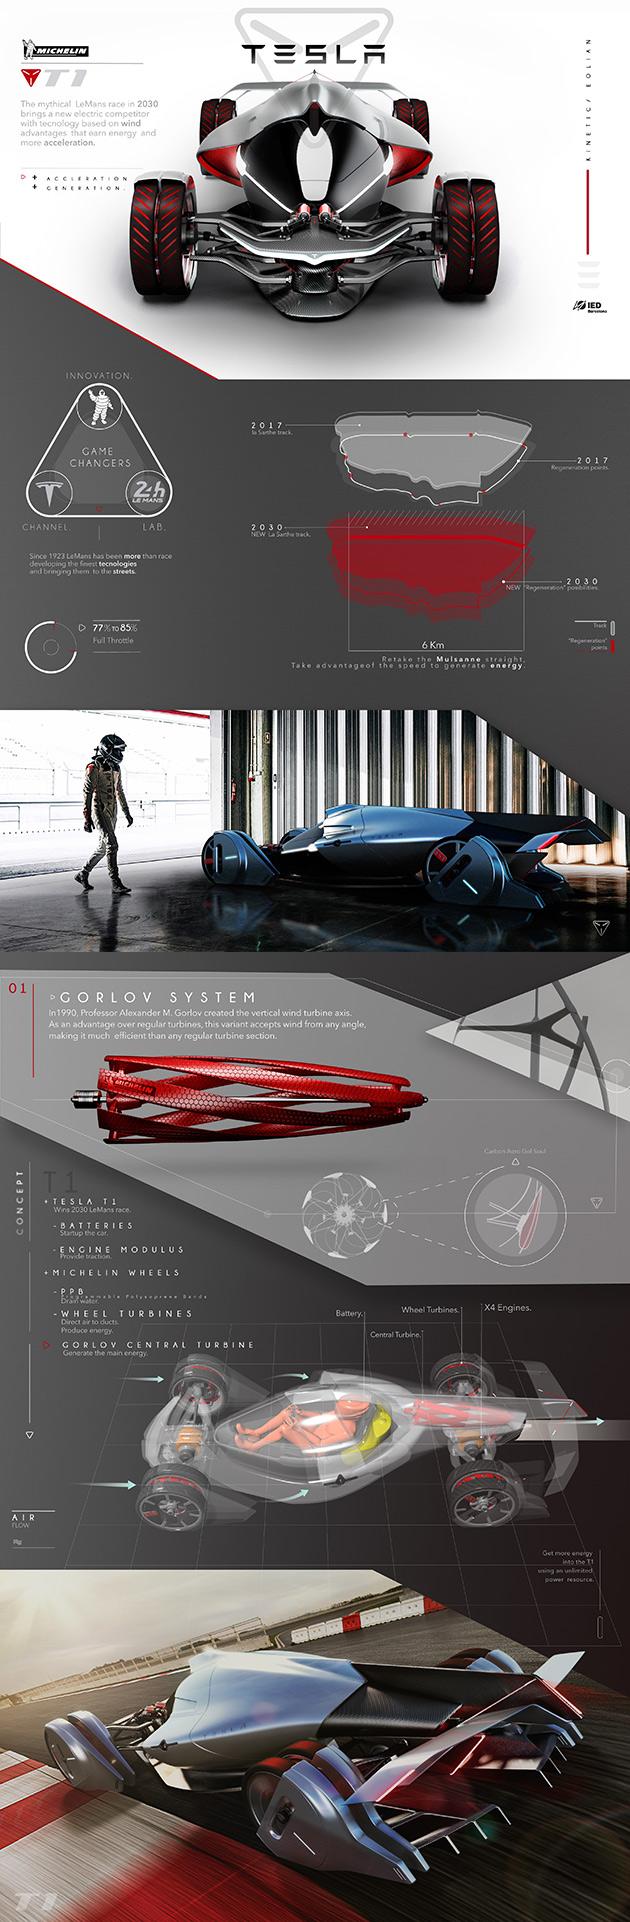 Tesla T1 Supercar